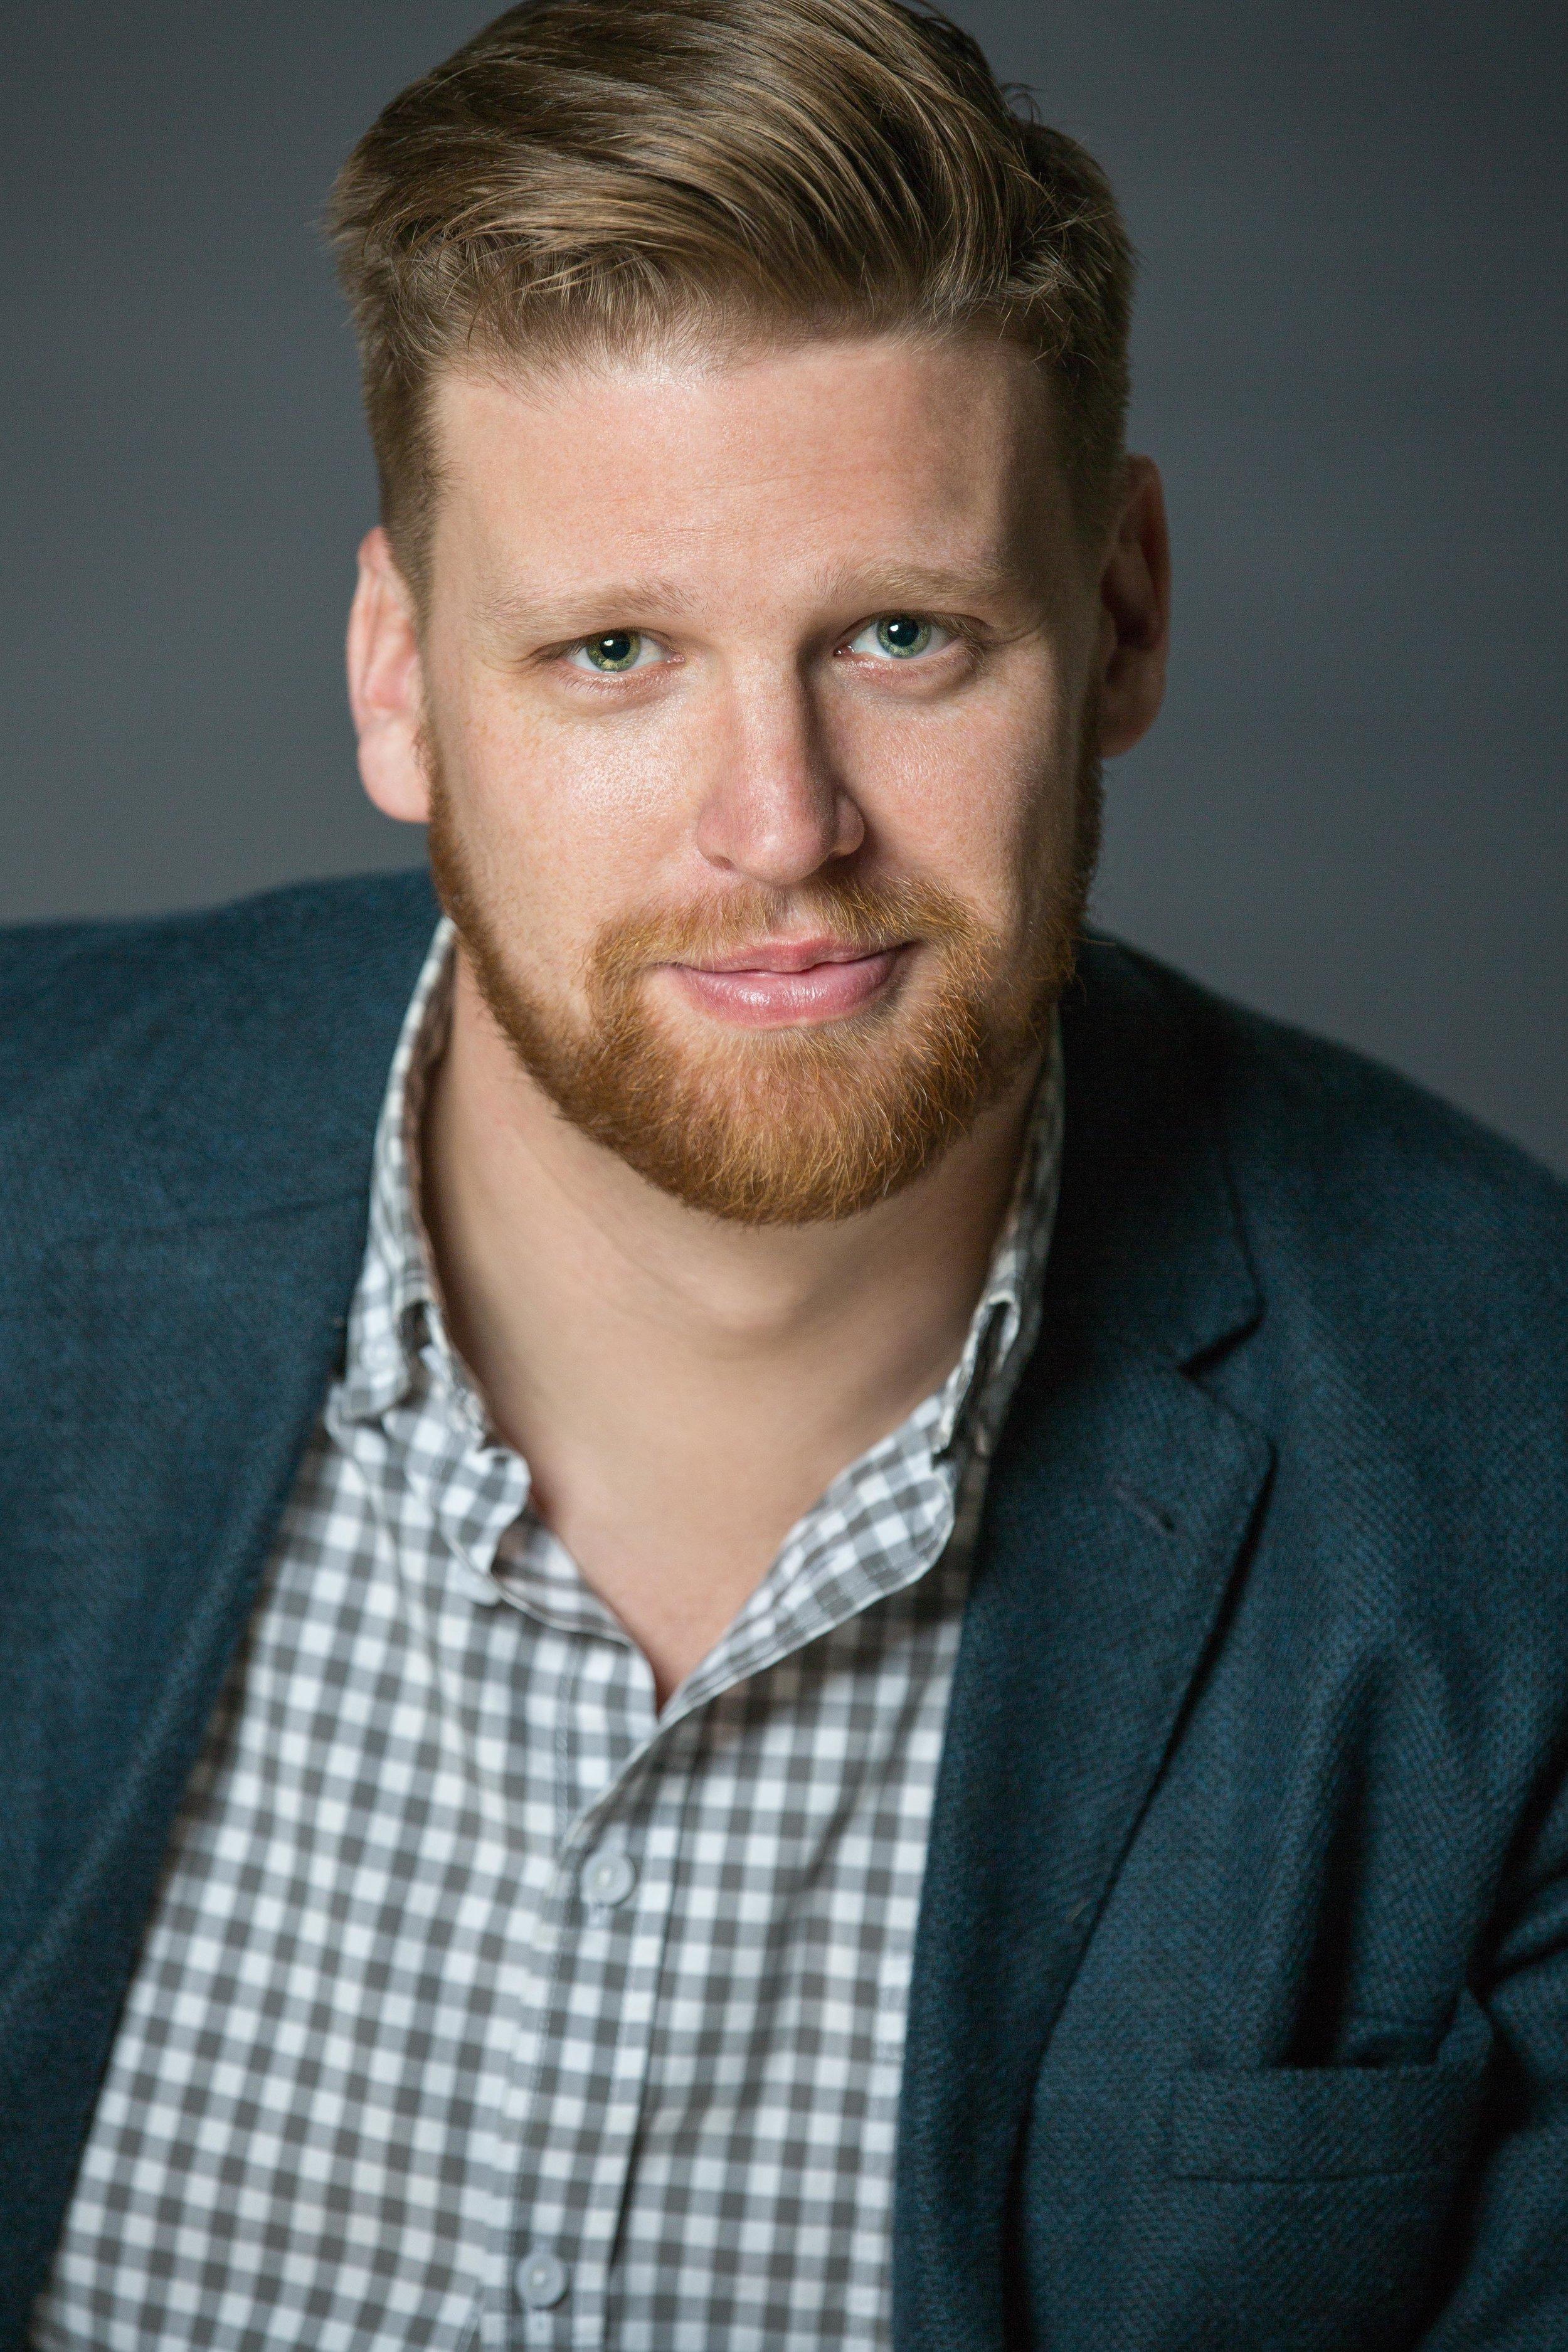 Jason Chacon